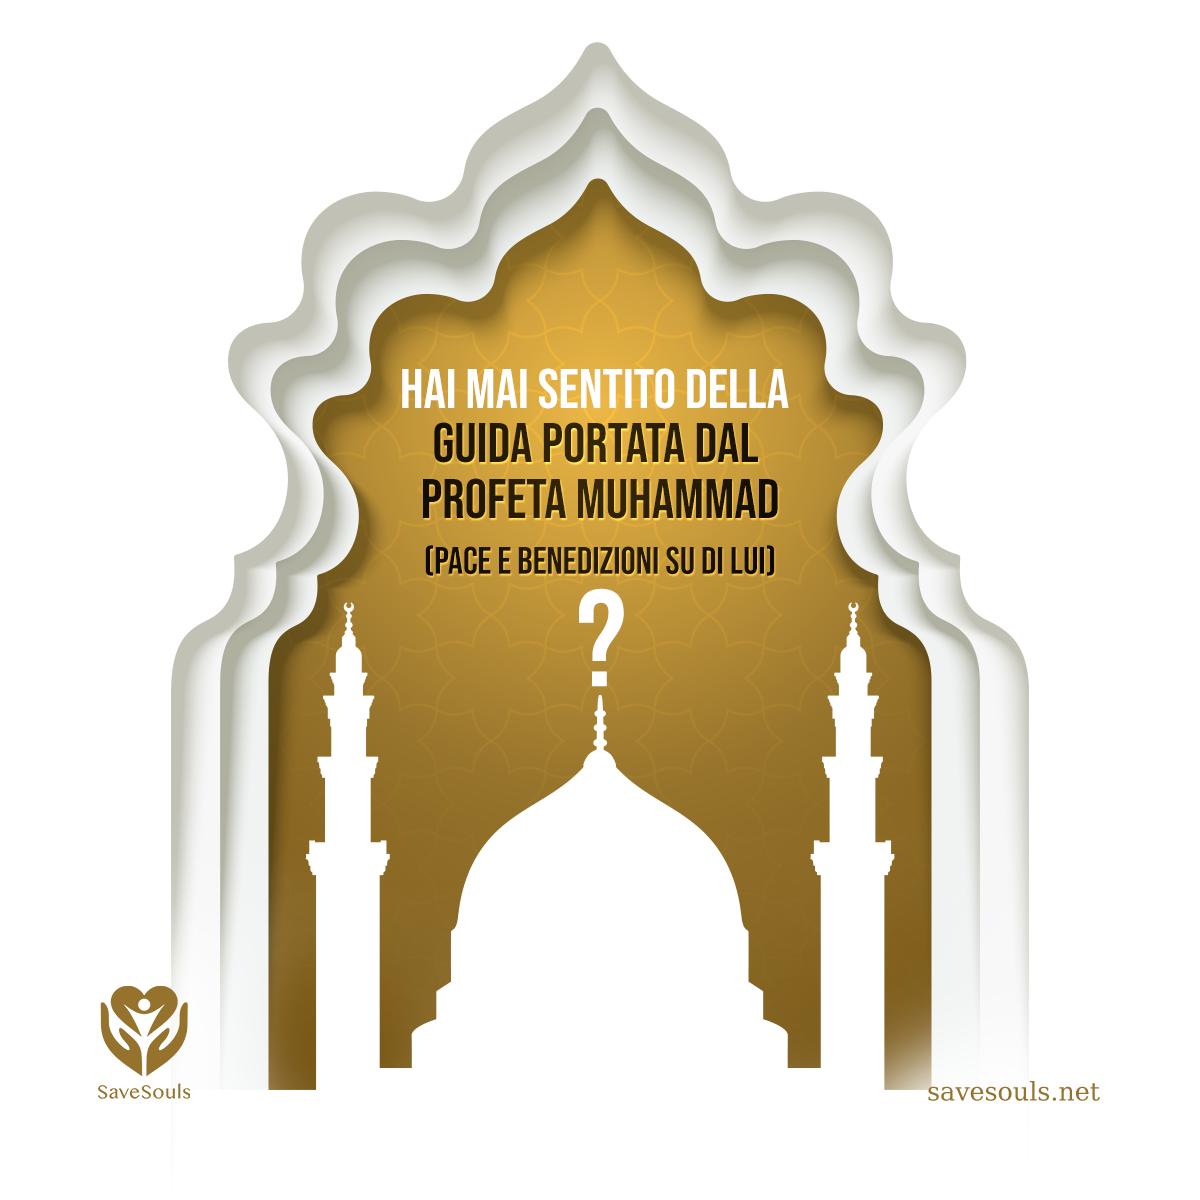 Hai mai sentito della guida portata dal Profeta Muhammad (Pace e benedizioni su di lui)